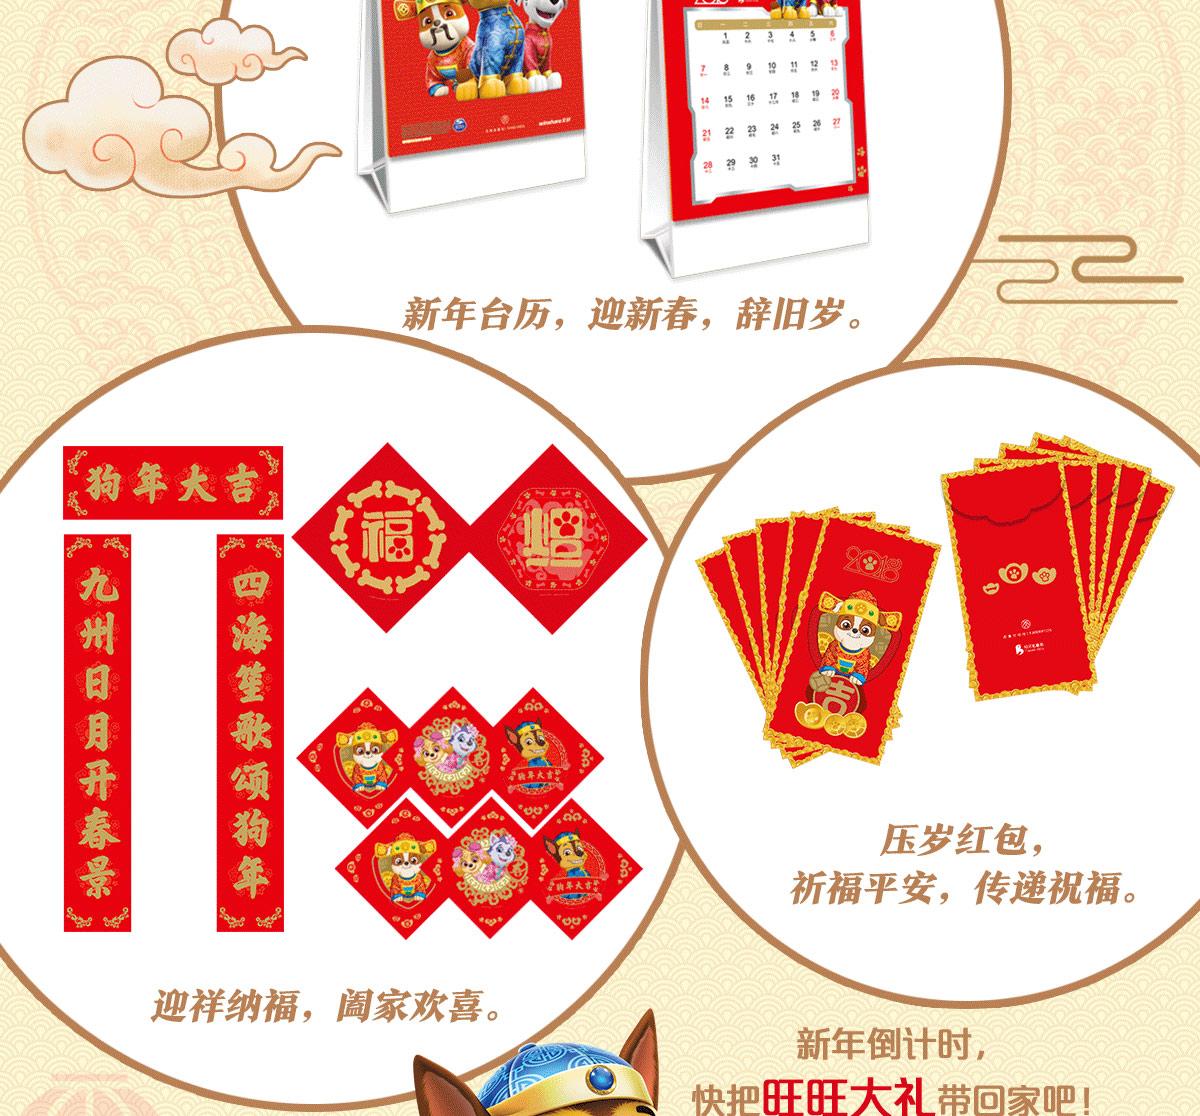 《汪汪队新年大礼盒》